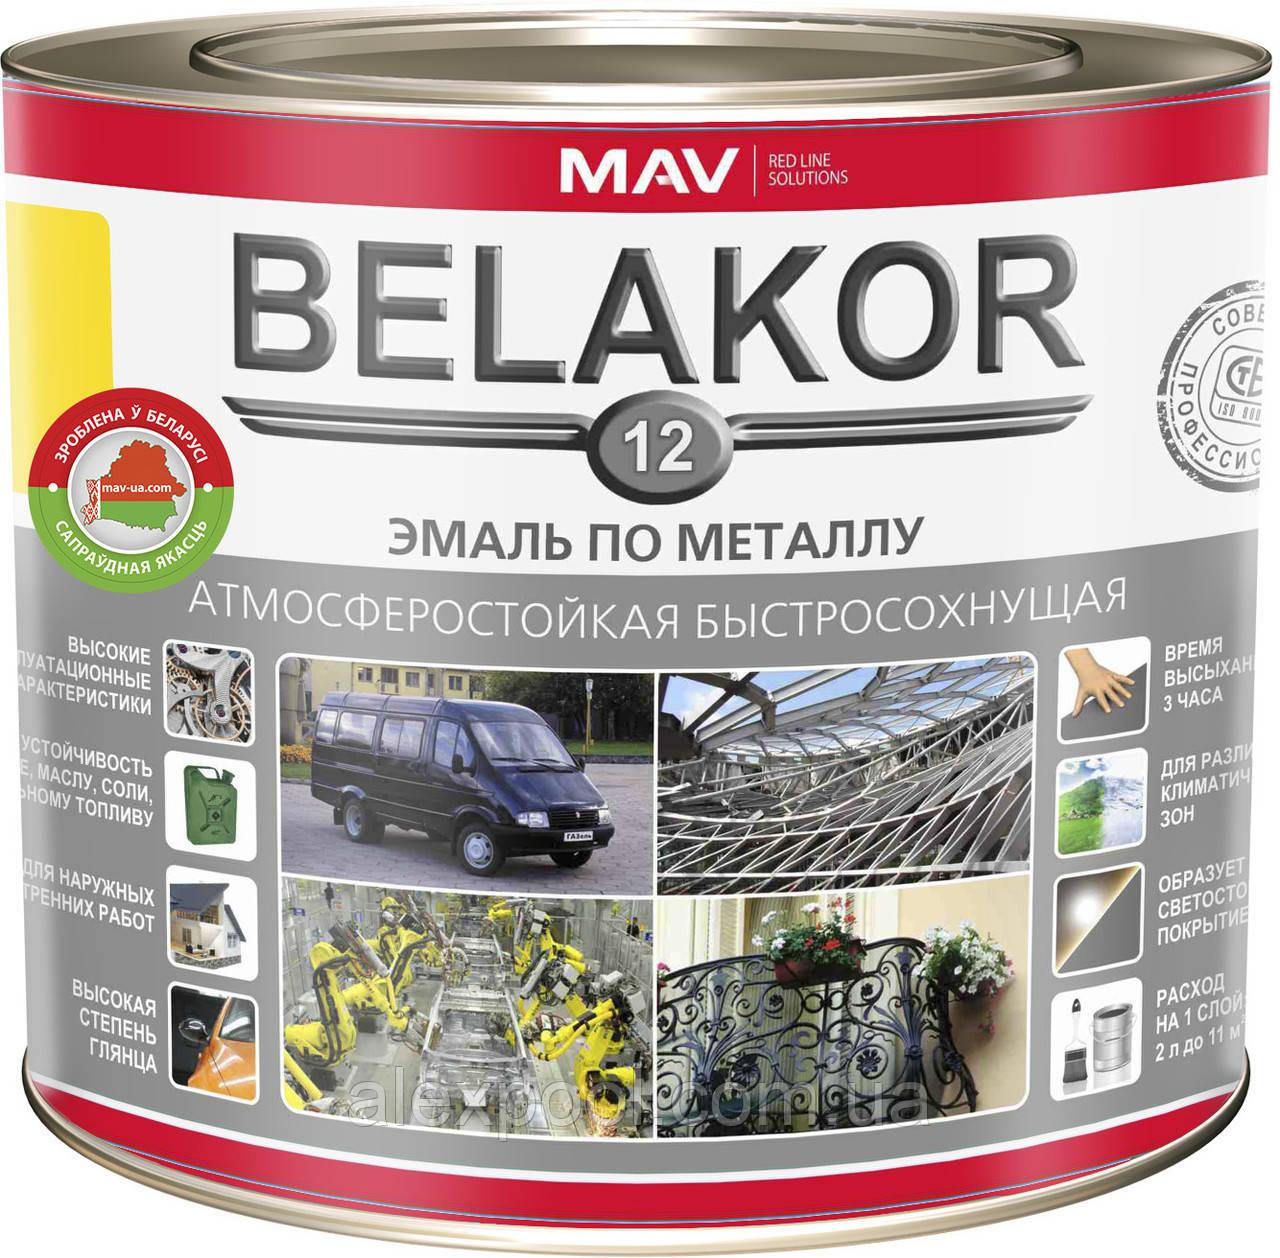 Эмаль MAV BELAKOR 12 по металлу атмосферостойкая быстросохнущая Классический серая RAL 7040 50 литров